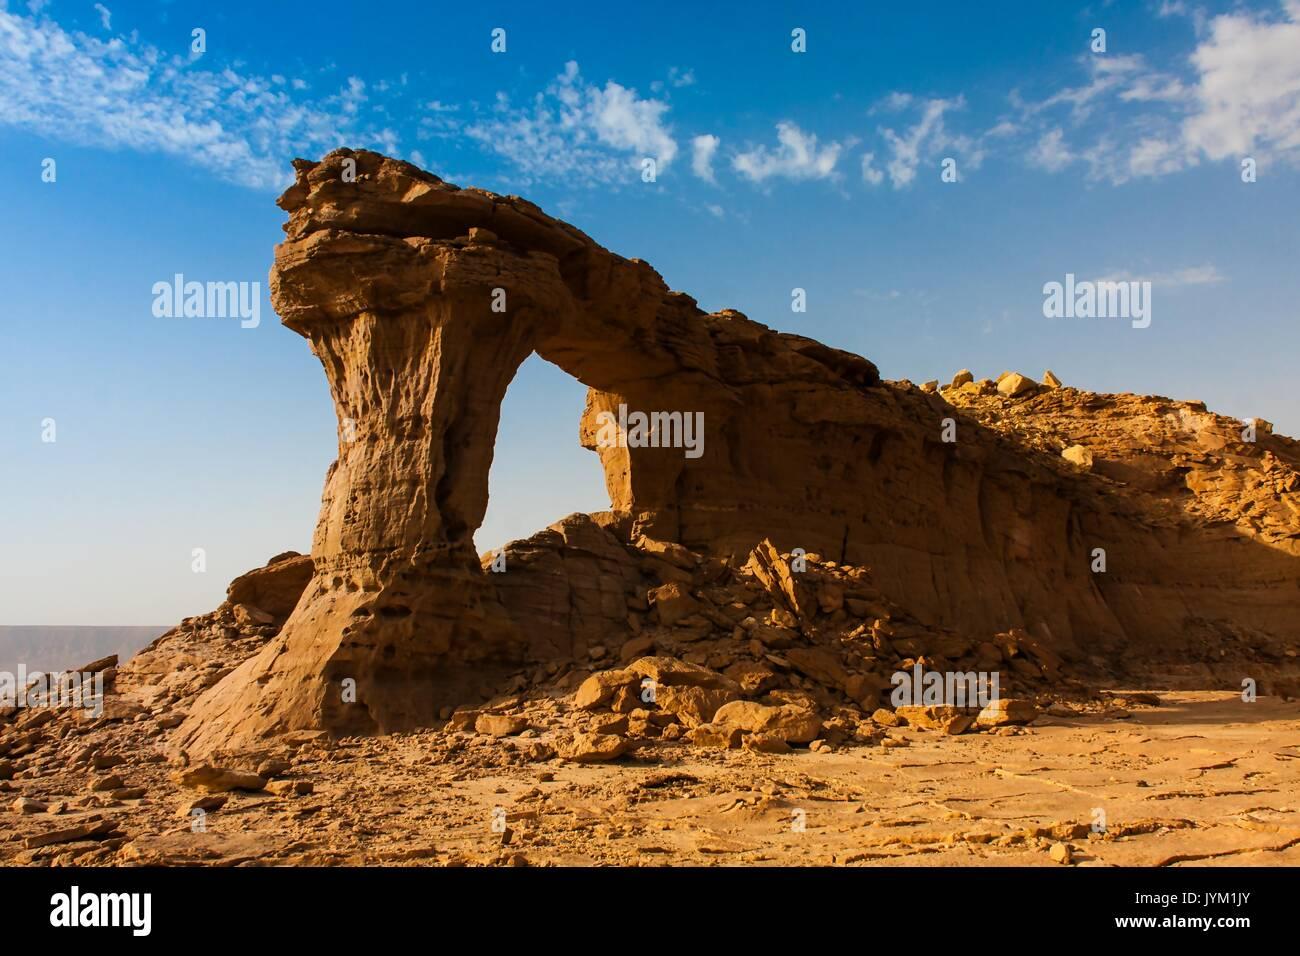 Arco Natural de Riyadh, Arabia Saudita Imagen De Stock